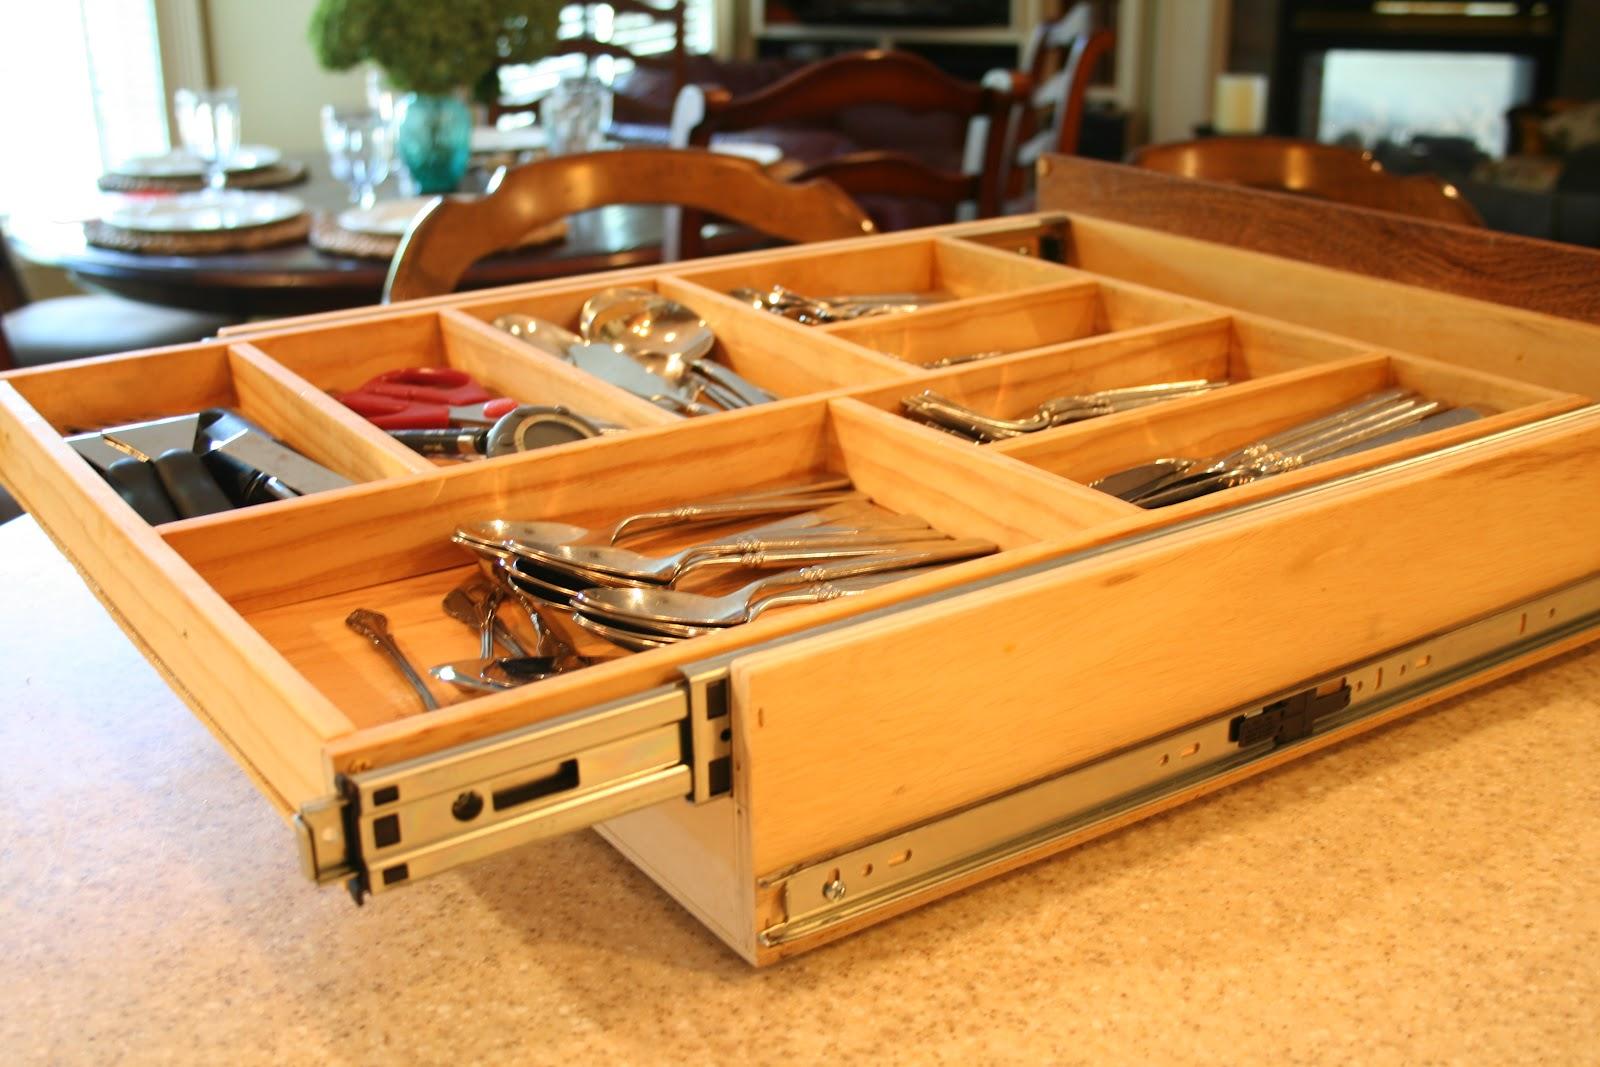 two tier kitchen drawer organizer step building slides from wood joy studio design